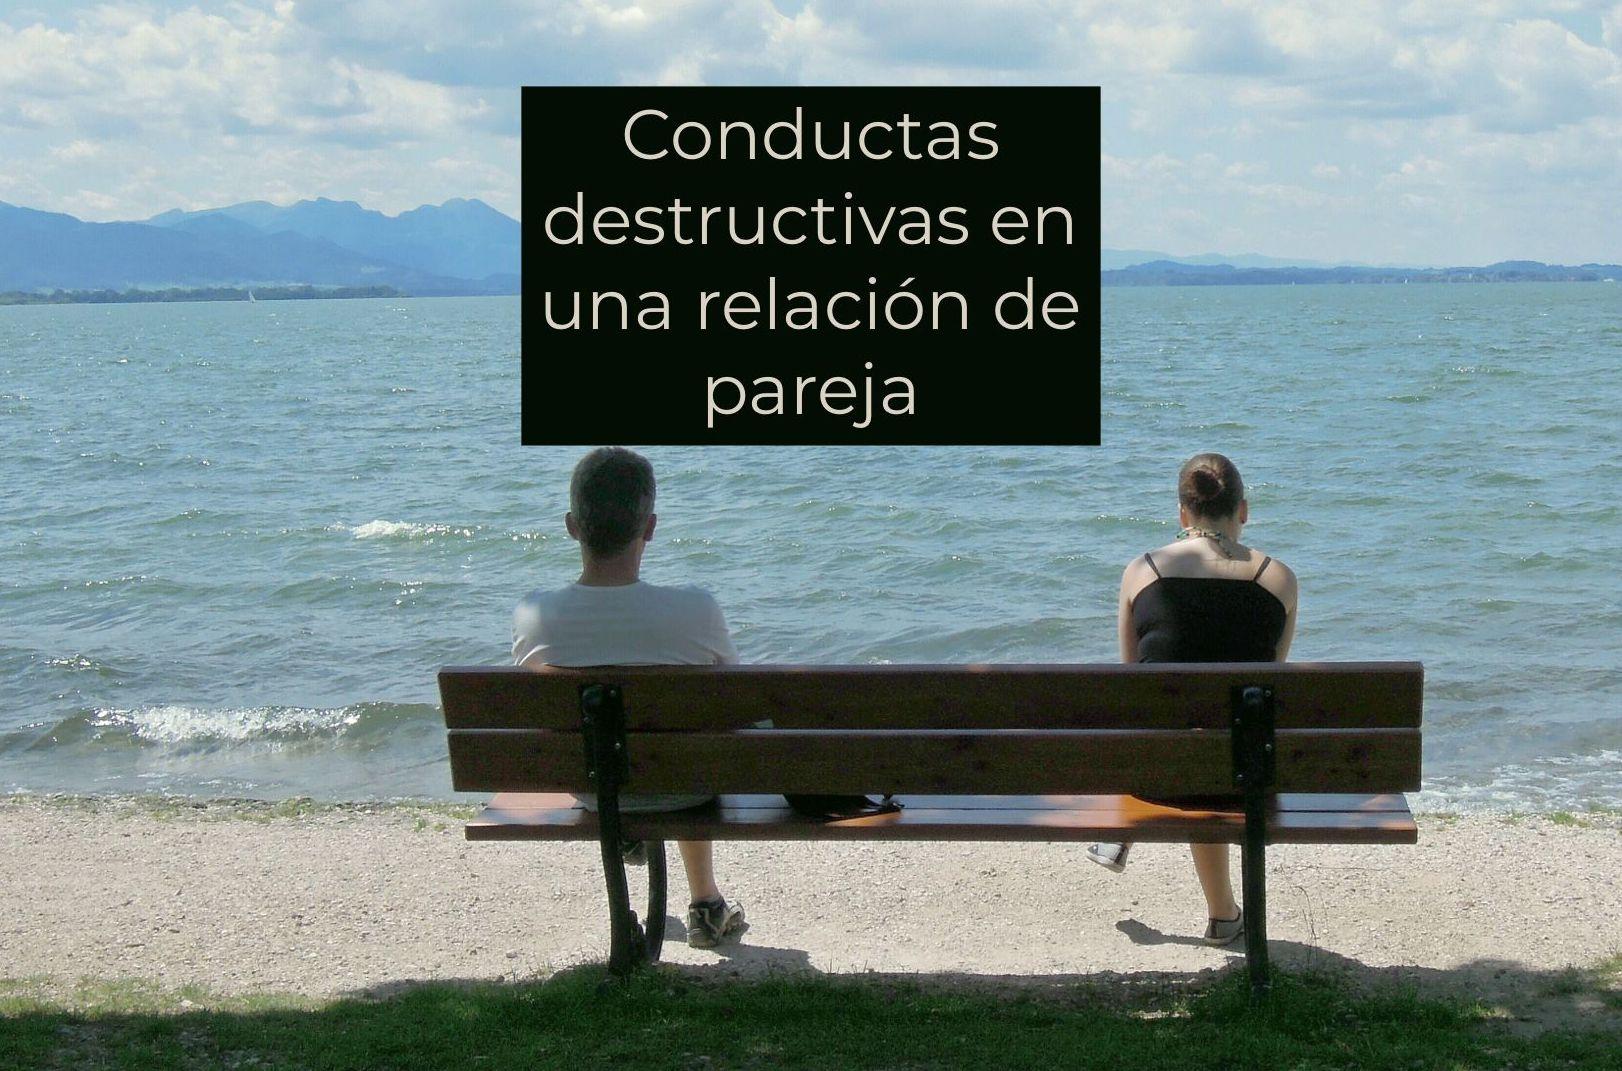 Conductas destructivas en una relación de pareja